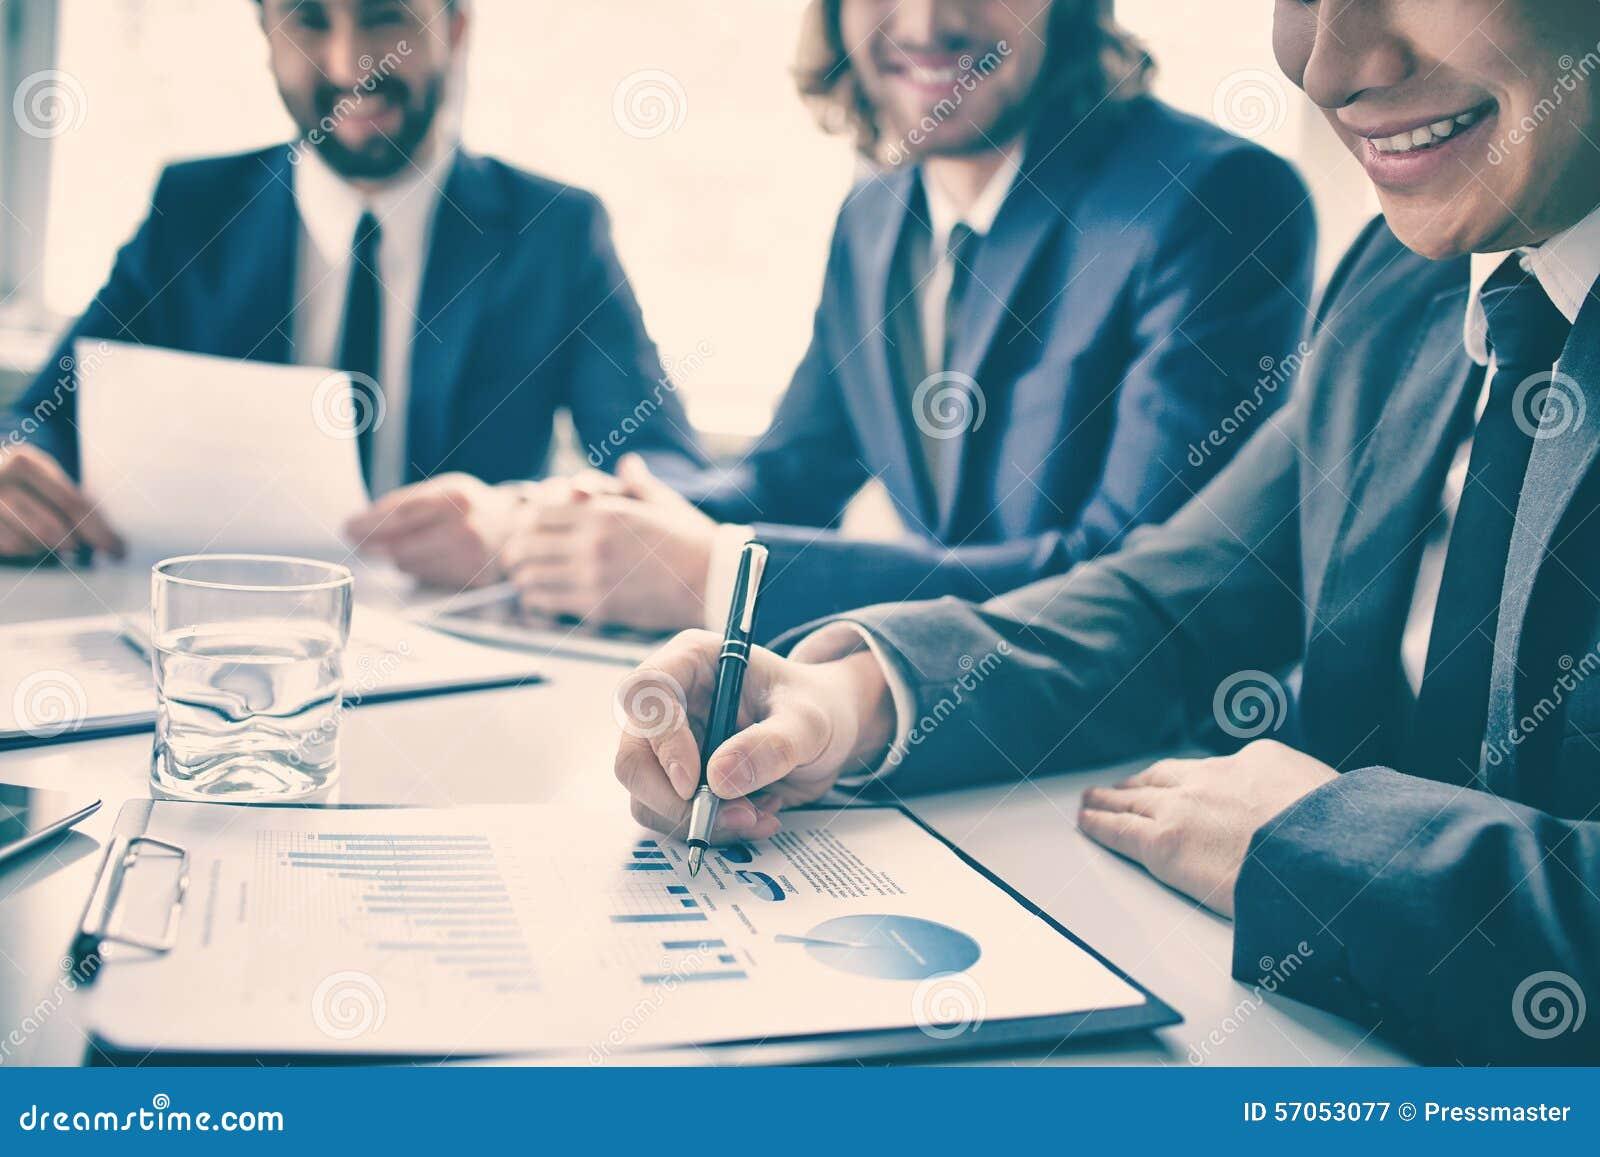 Glimlachende ondernemers gelukkig met het rapport